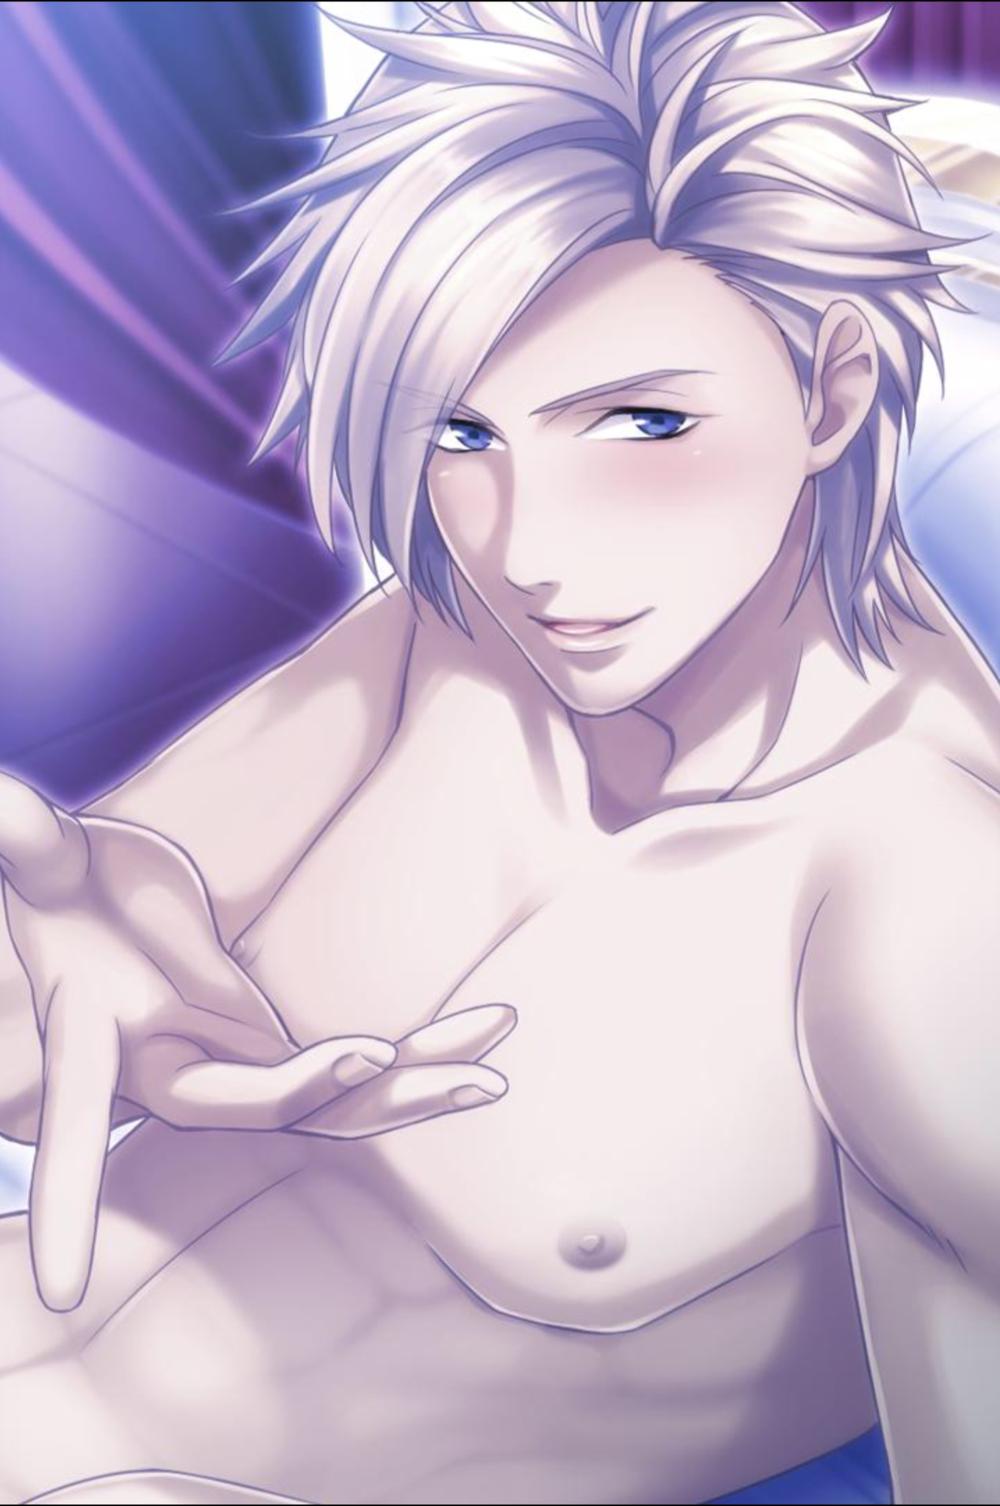 Yosuke: Chapter 3A